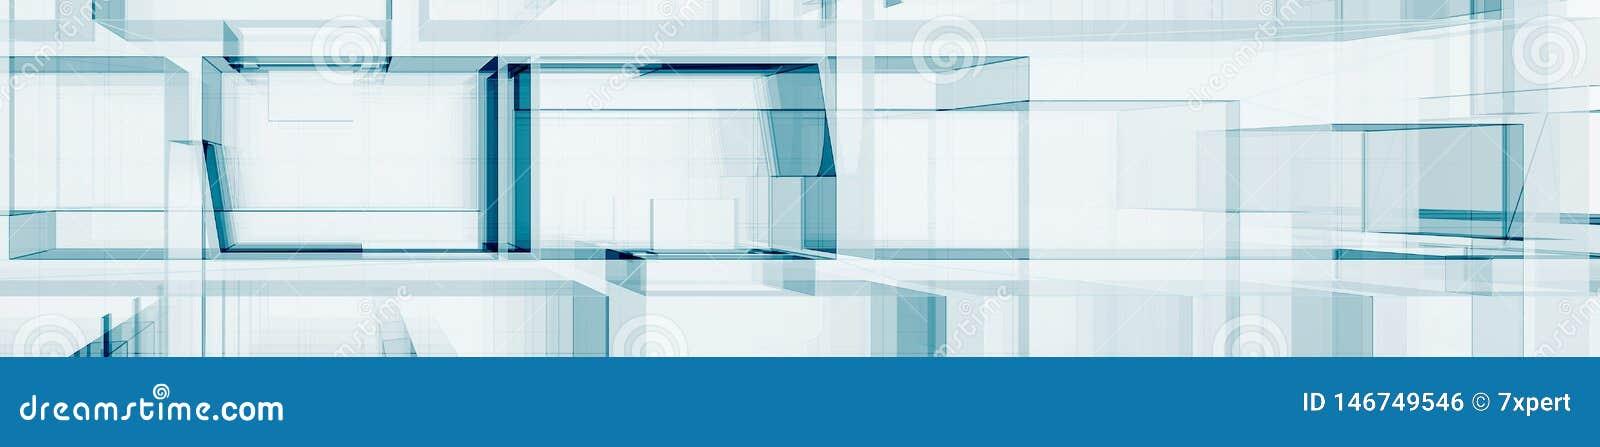 Abstrakte blaue Wiedergabe der Architektur 3d